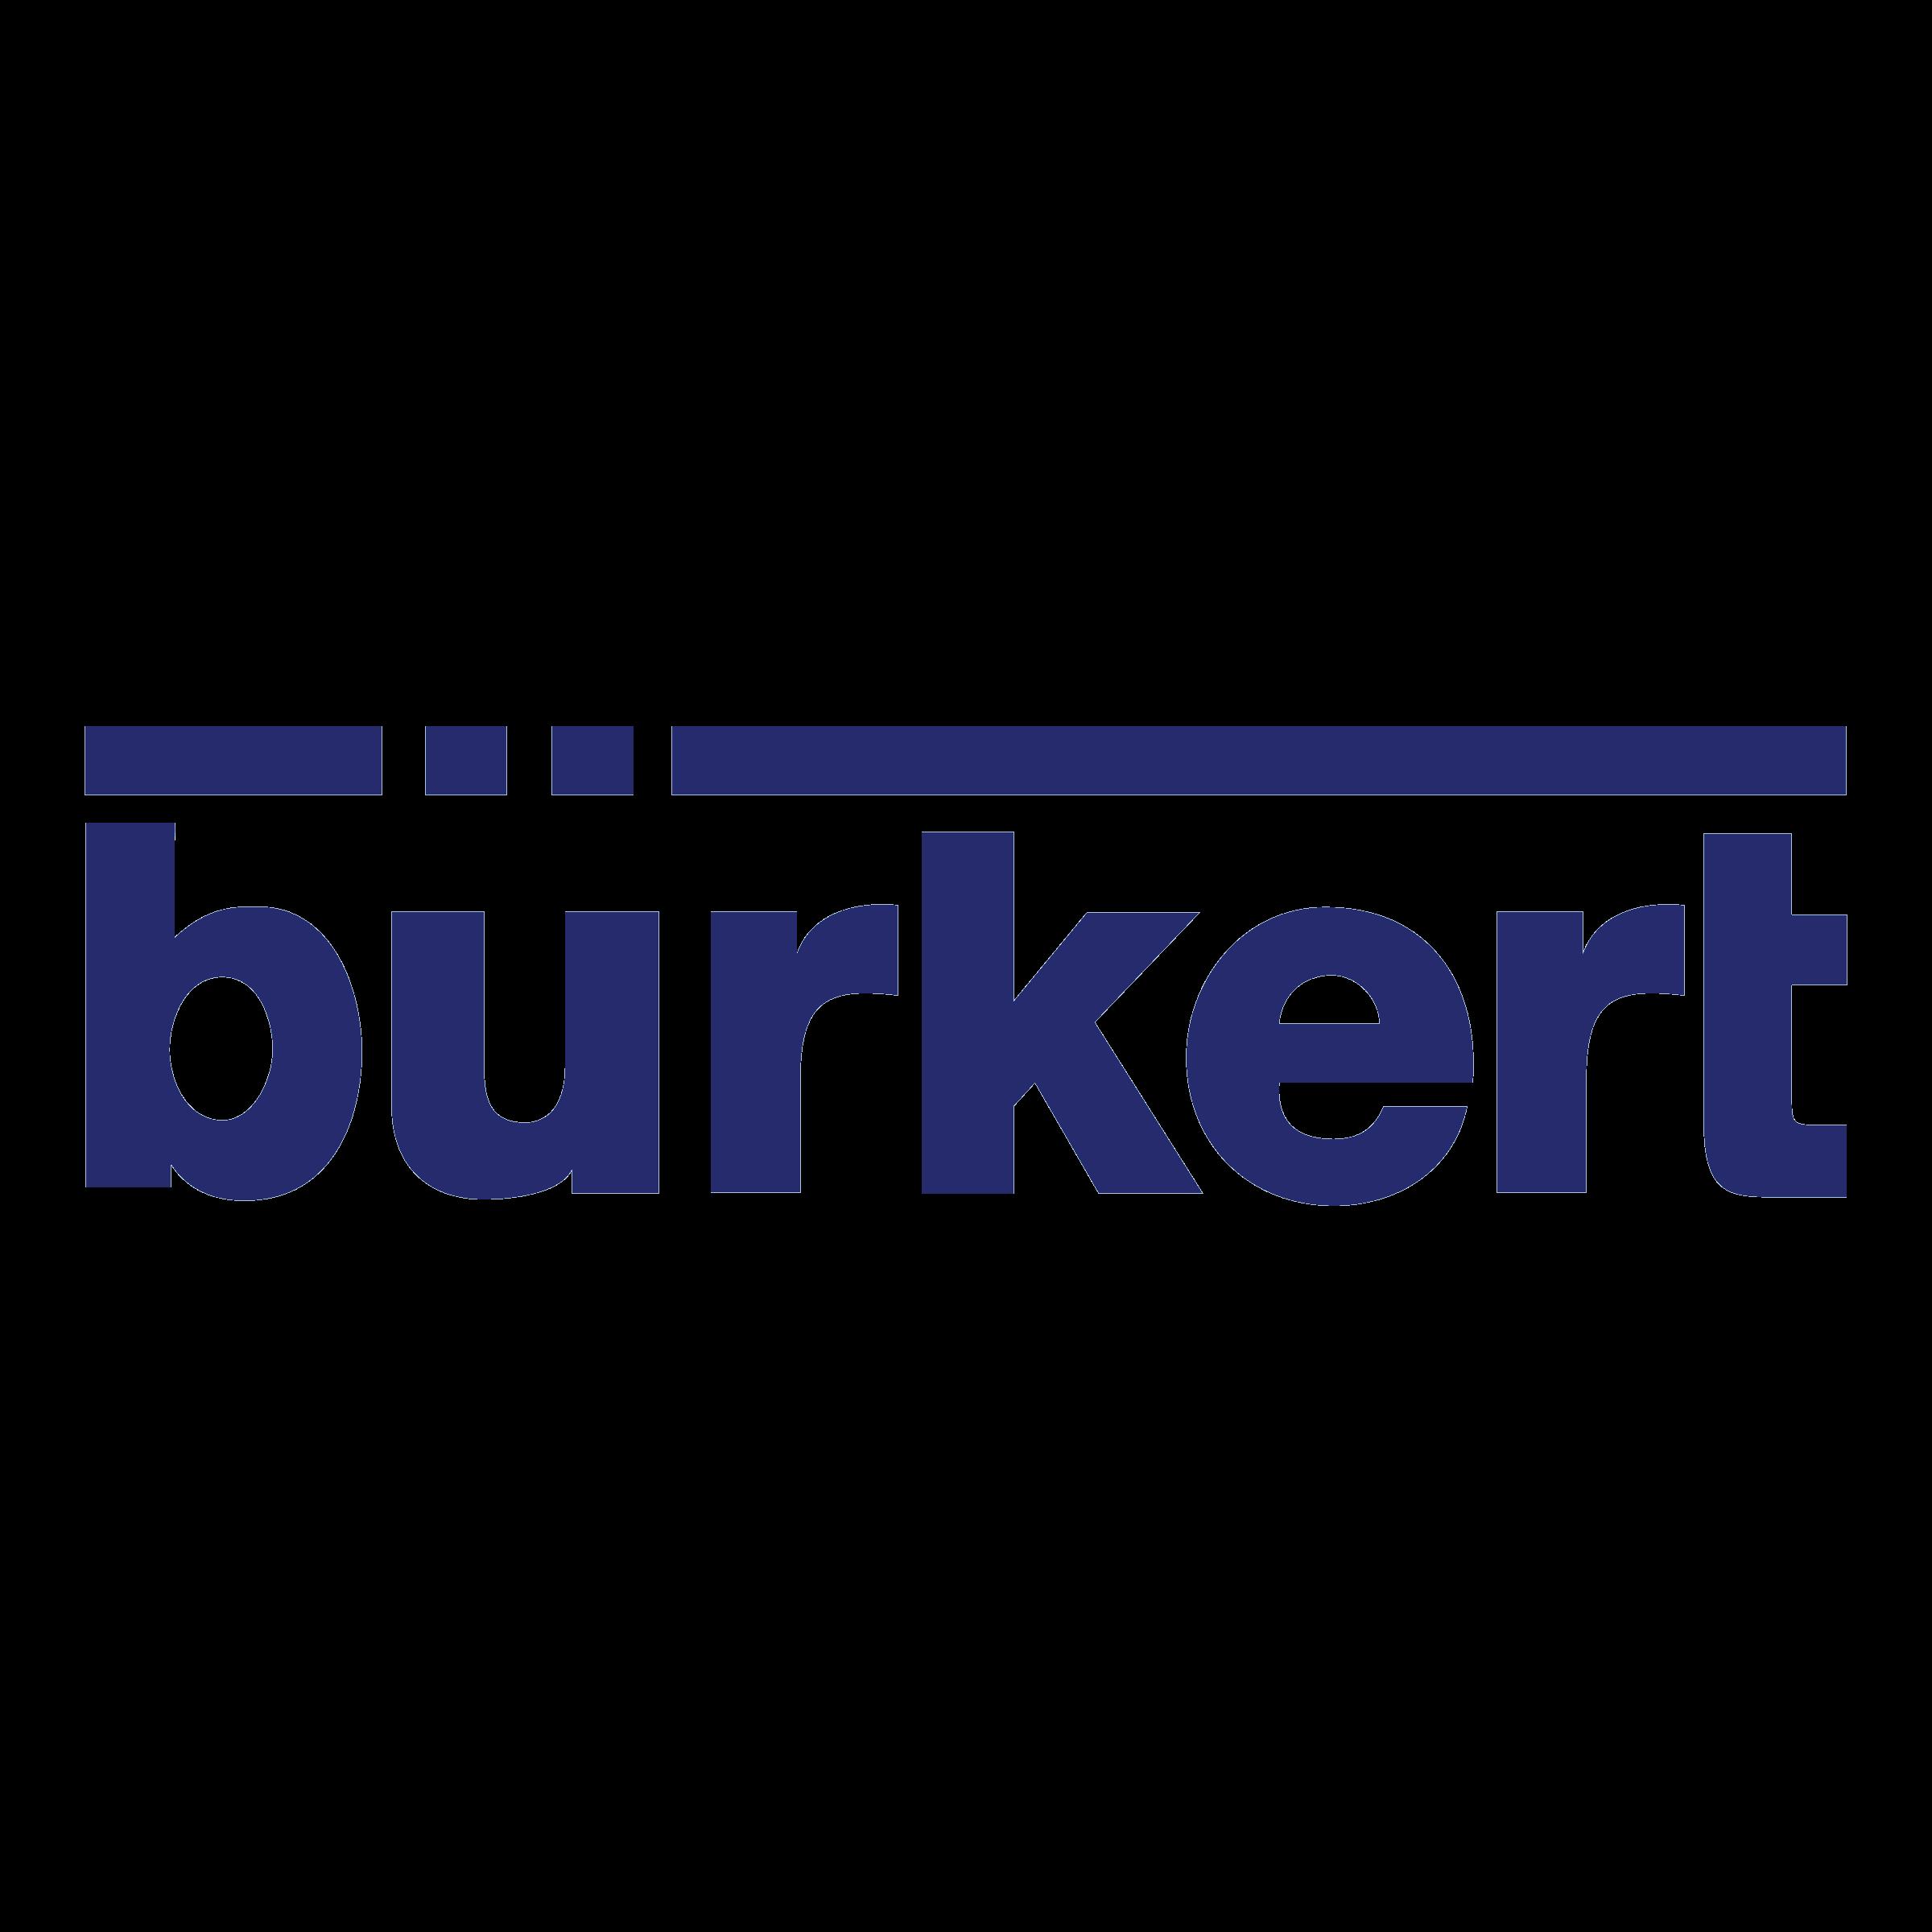 the business development school - burkert logo